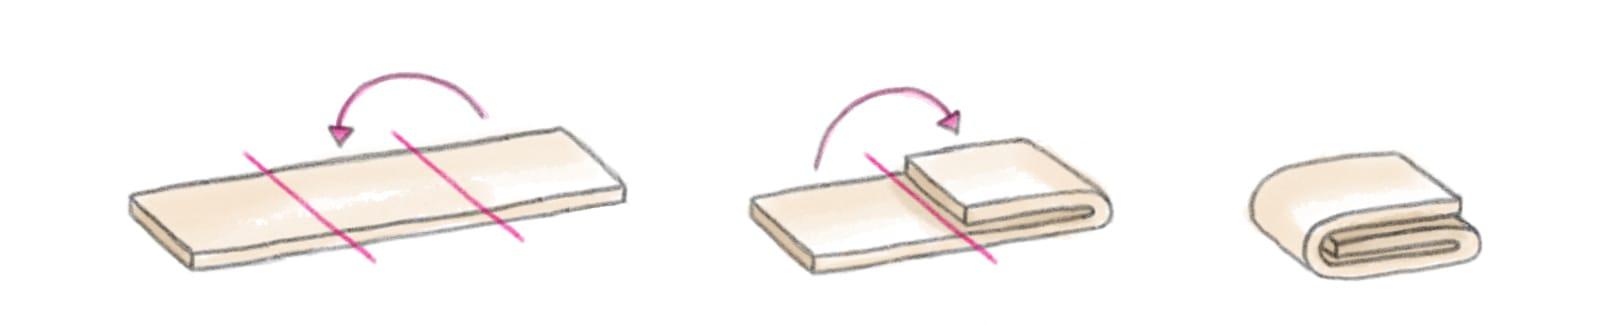 Explication du tour simple pour la recette de la pâte feuilletée inversée.